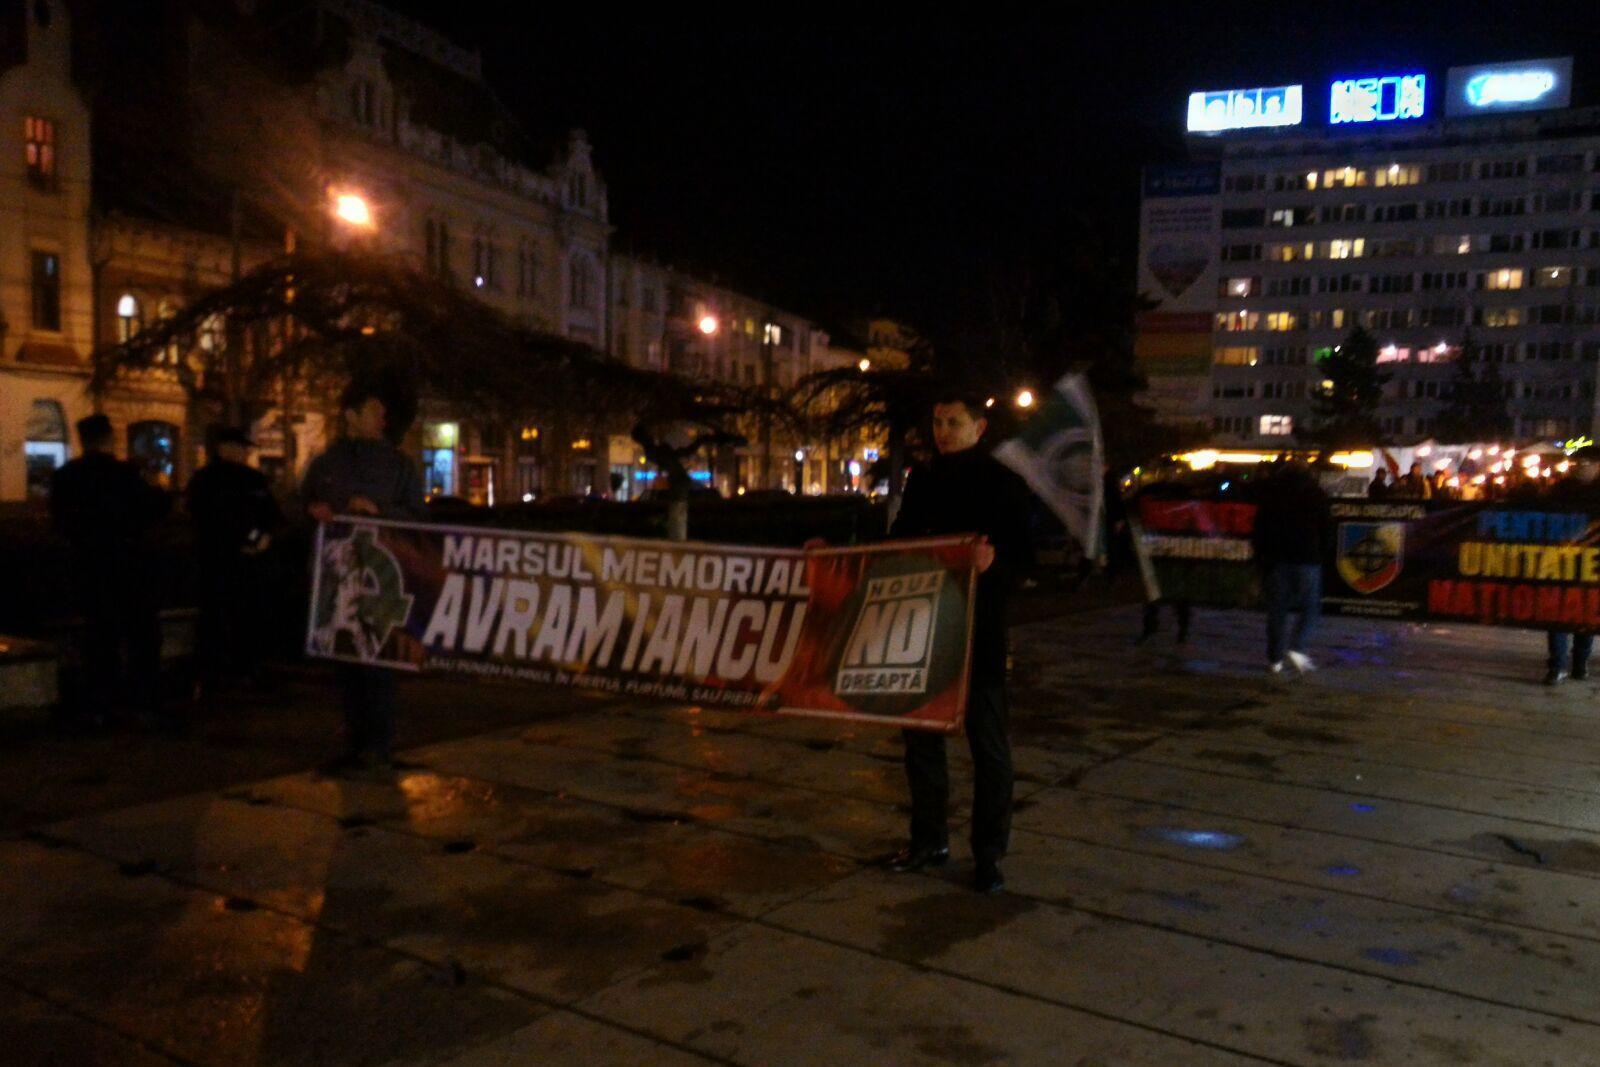 Demisia lui Dacian Ciolos, ceruta la Marsul Memorial Avram Iancu